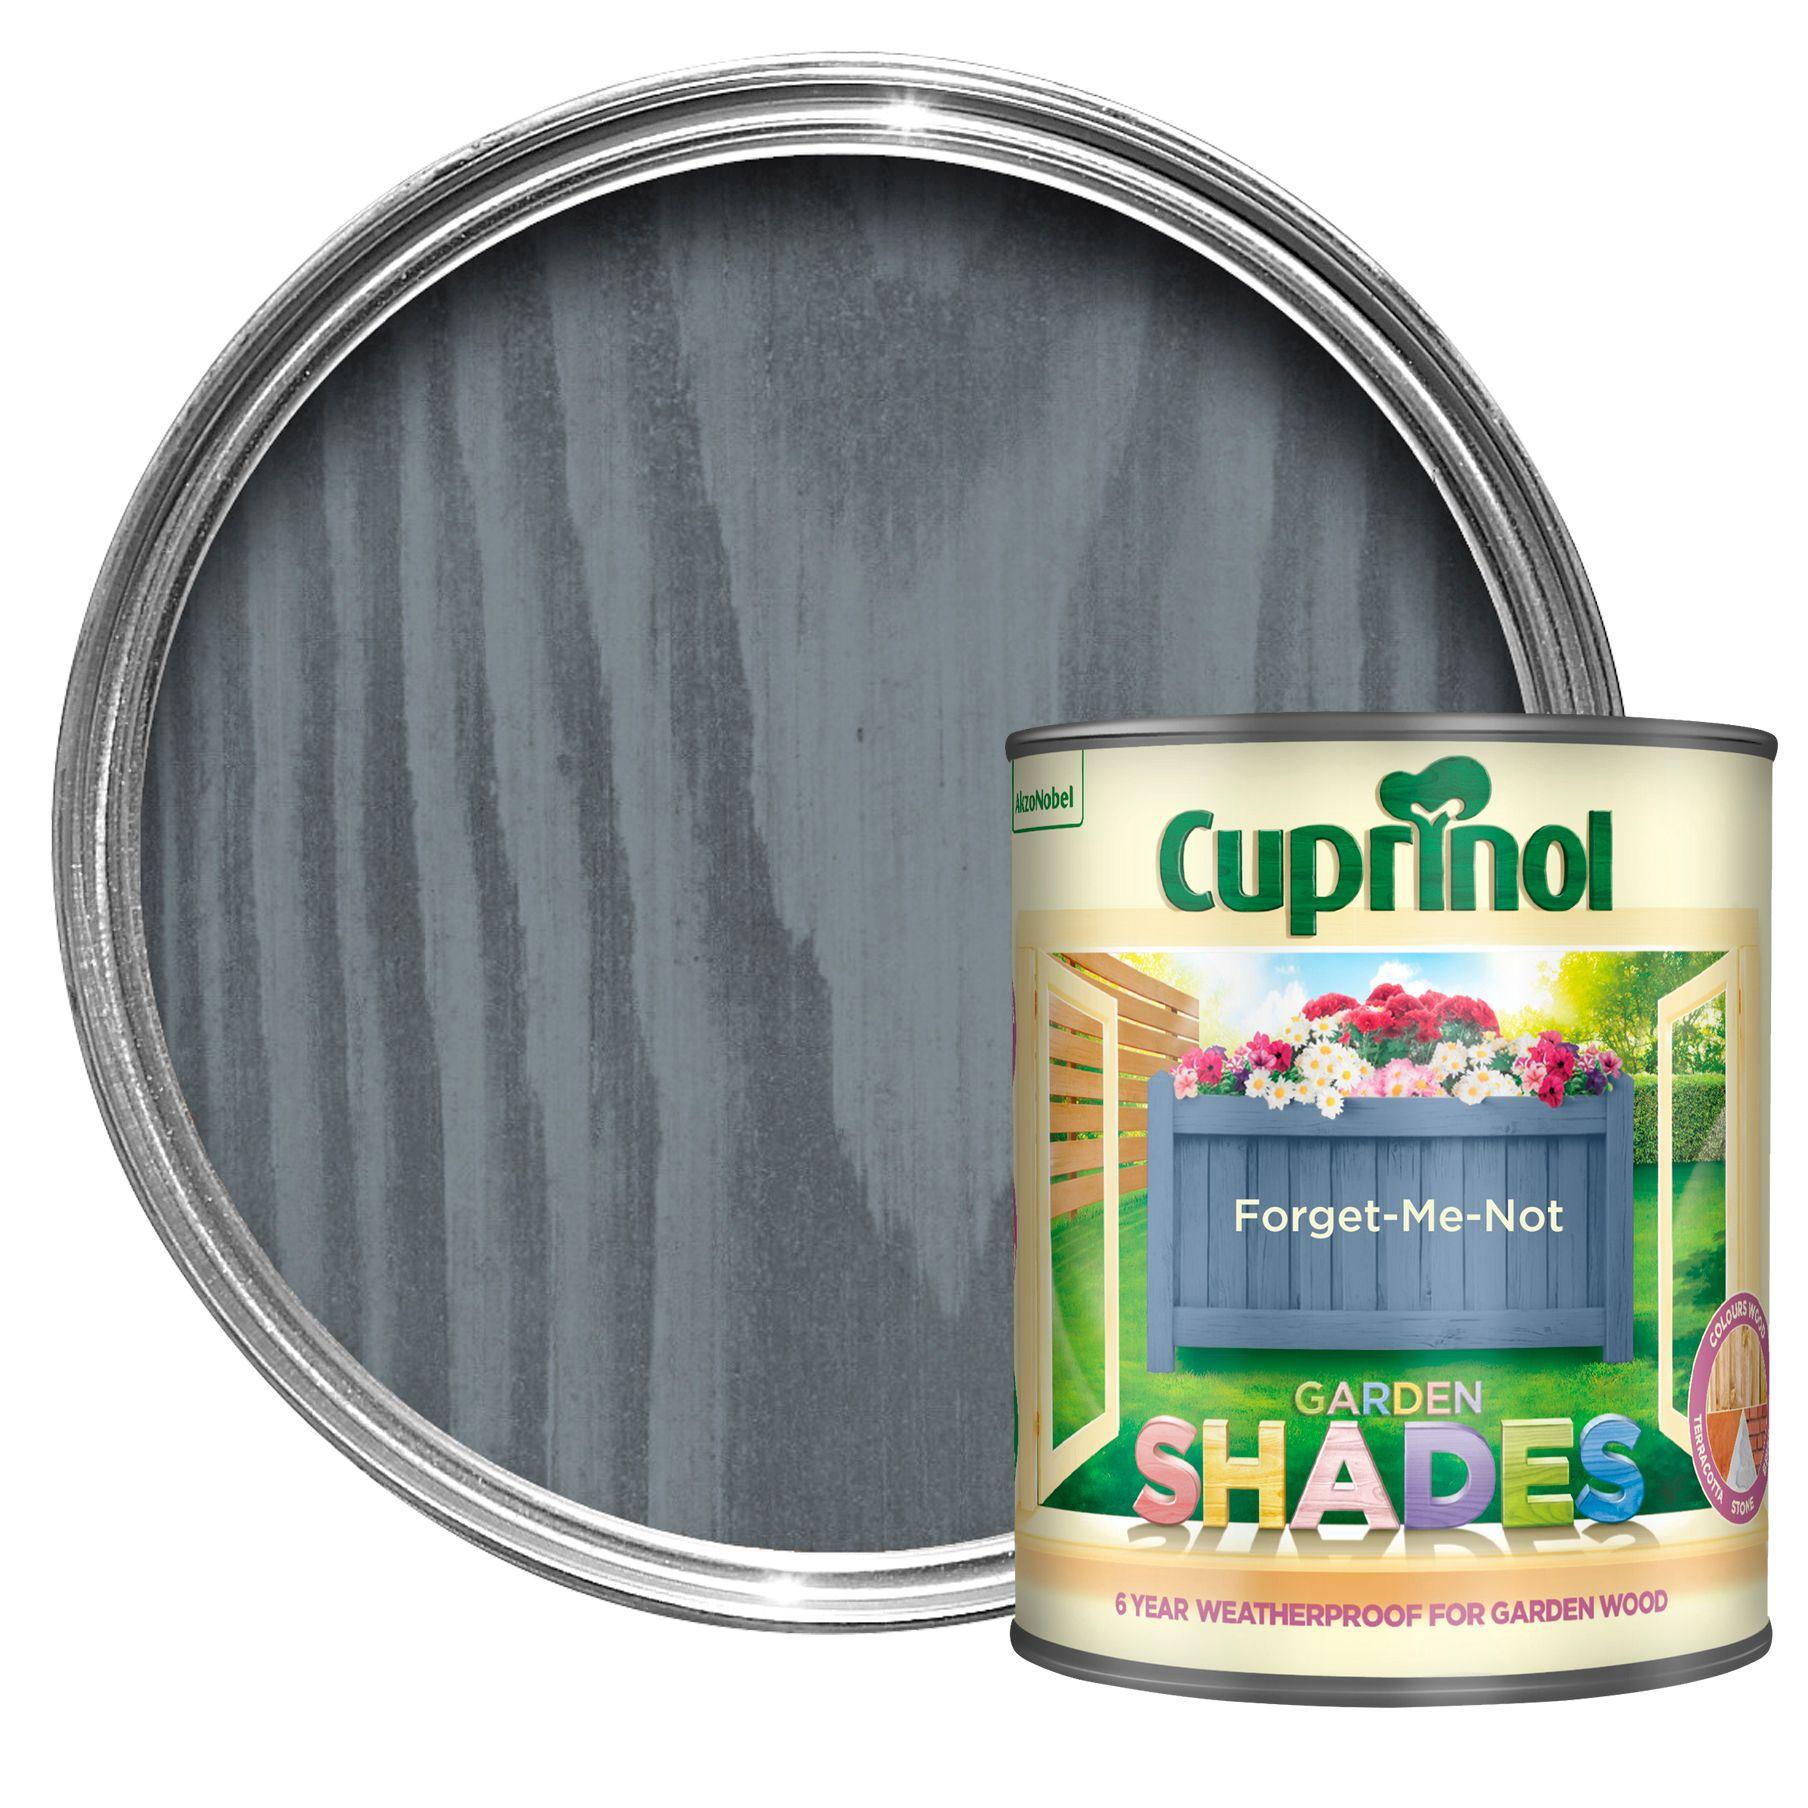 Cuprinol Garden Shades Forget Me Not Matt Wood Paint 1l